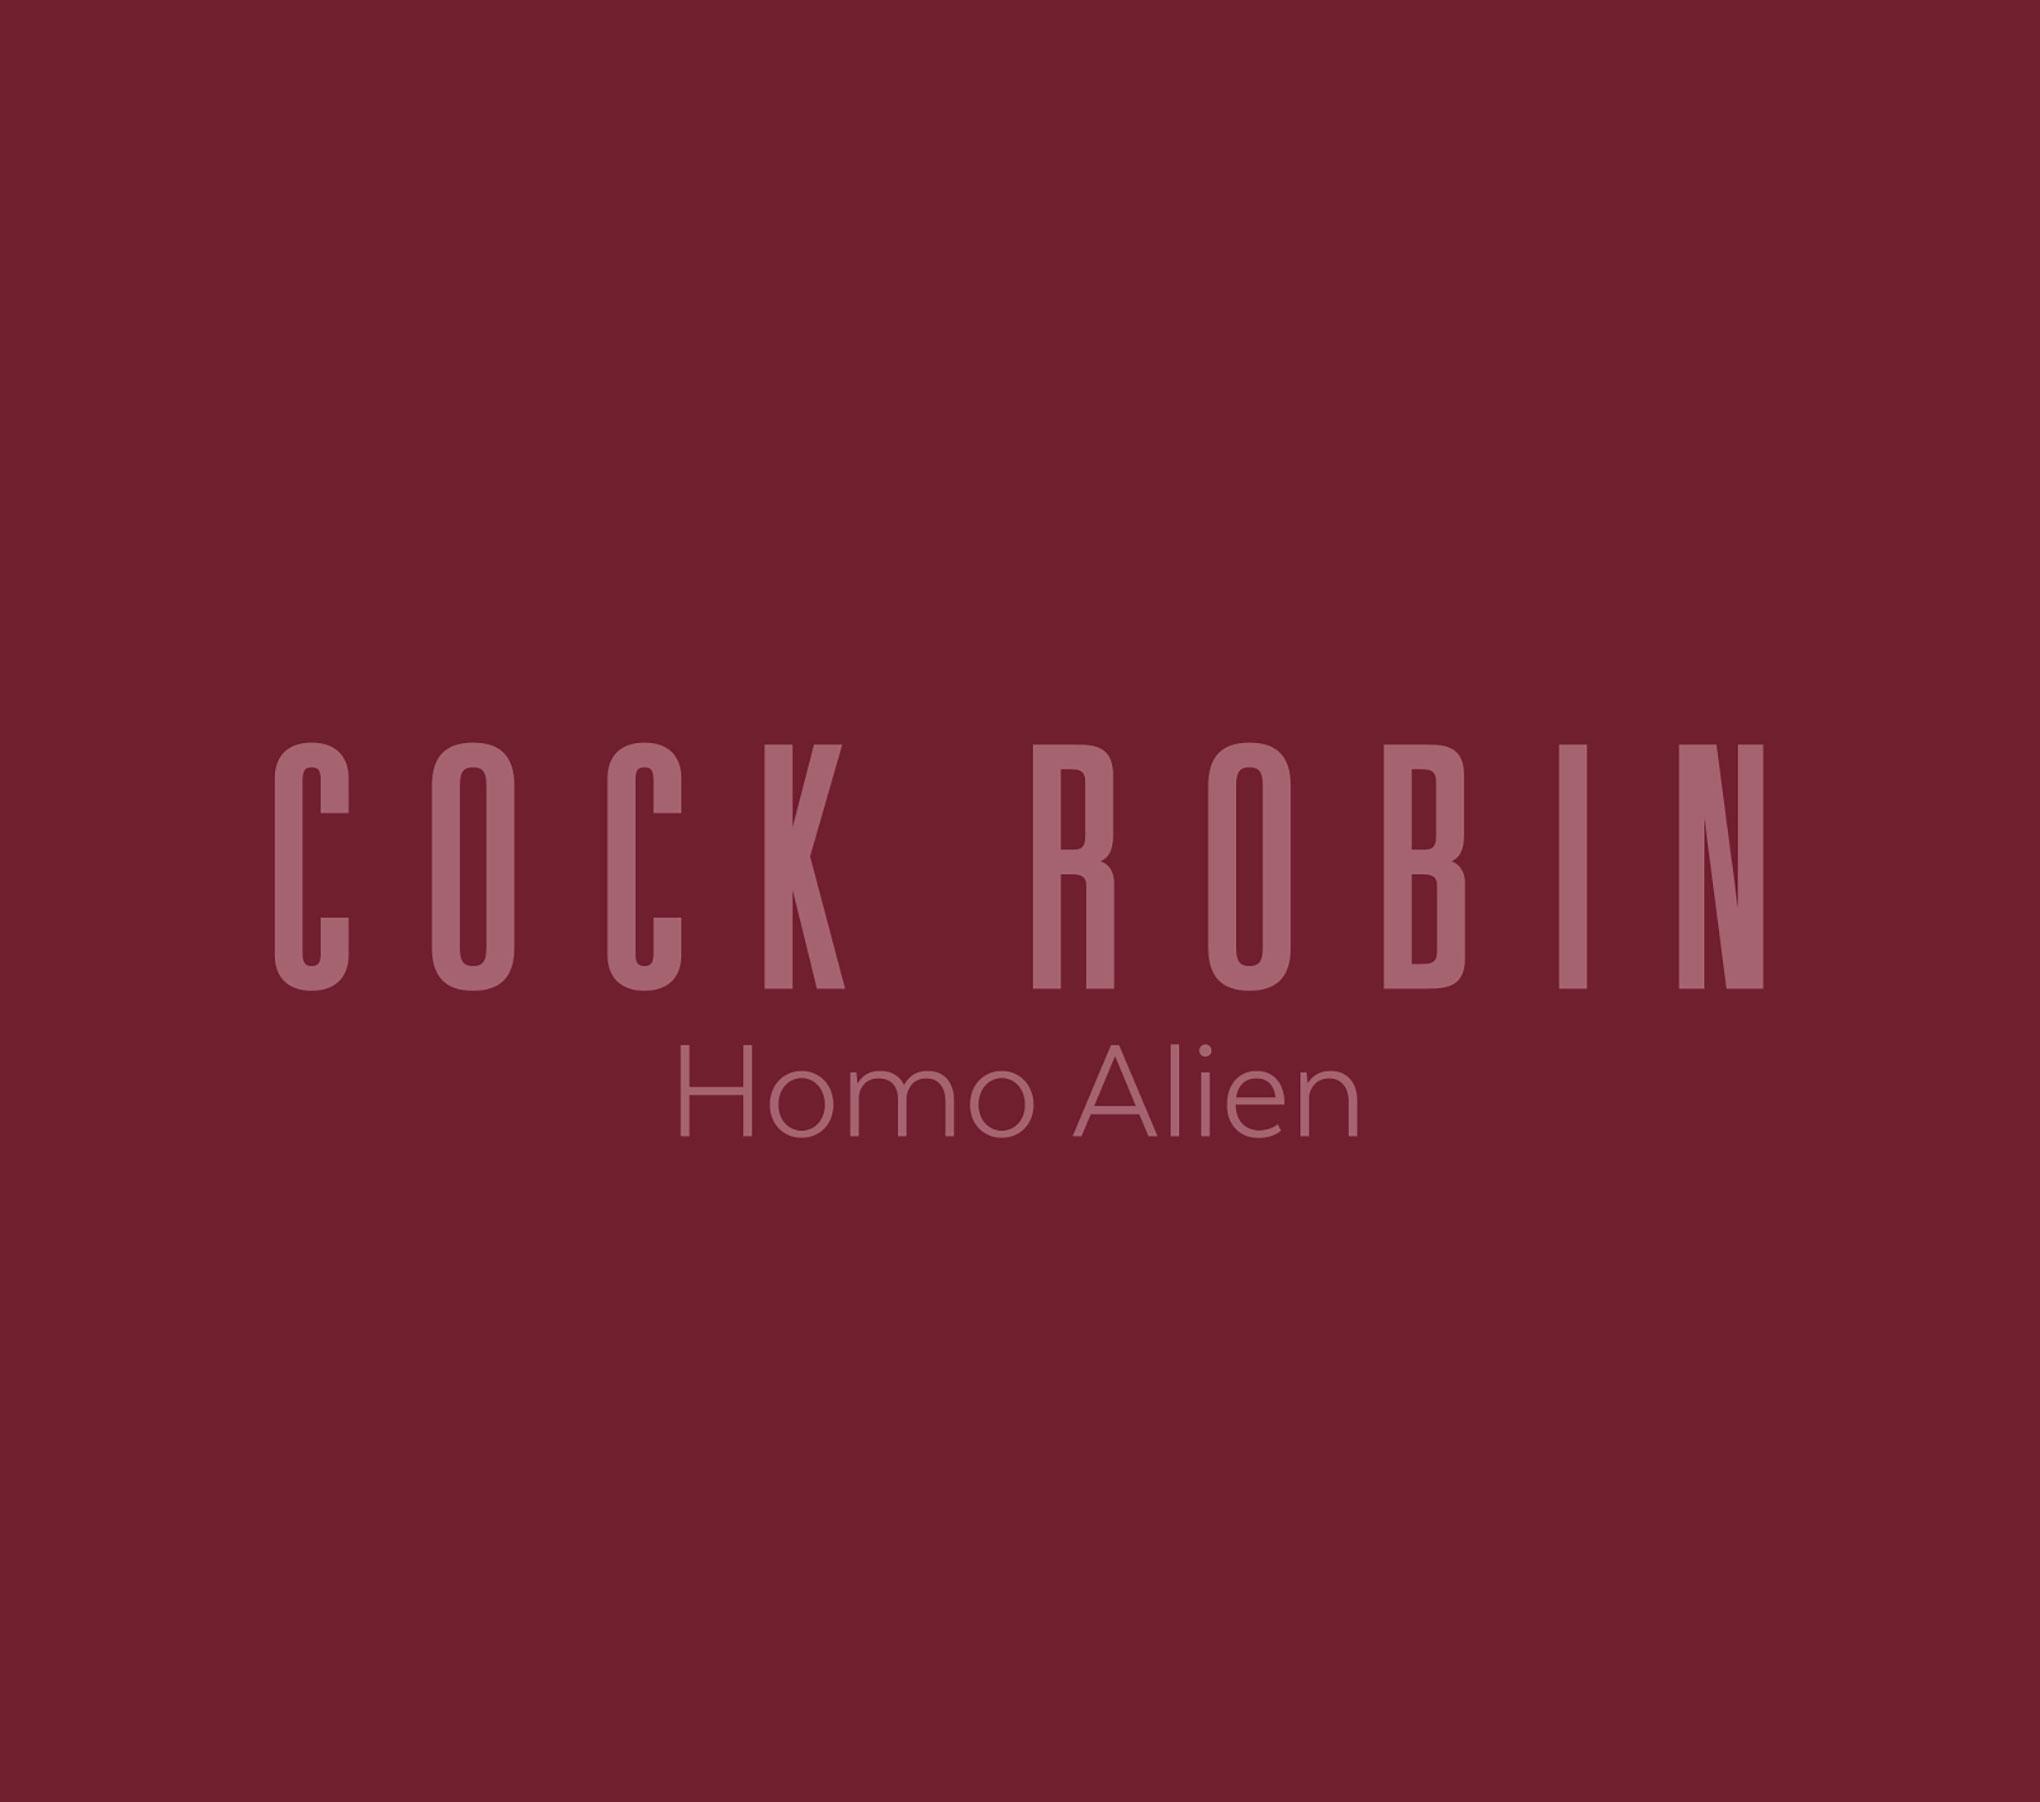 Cock Robin – Homo Alien